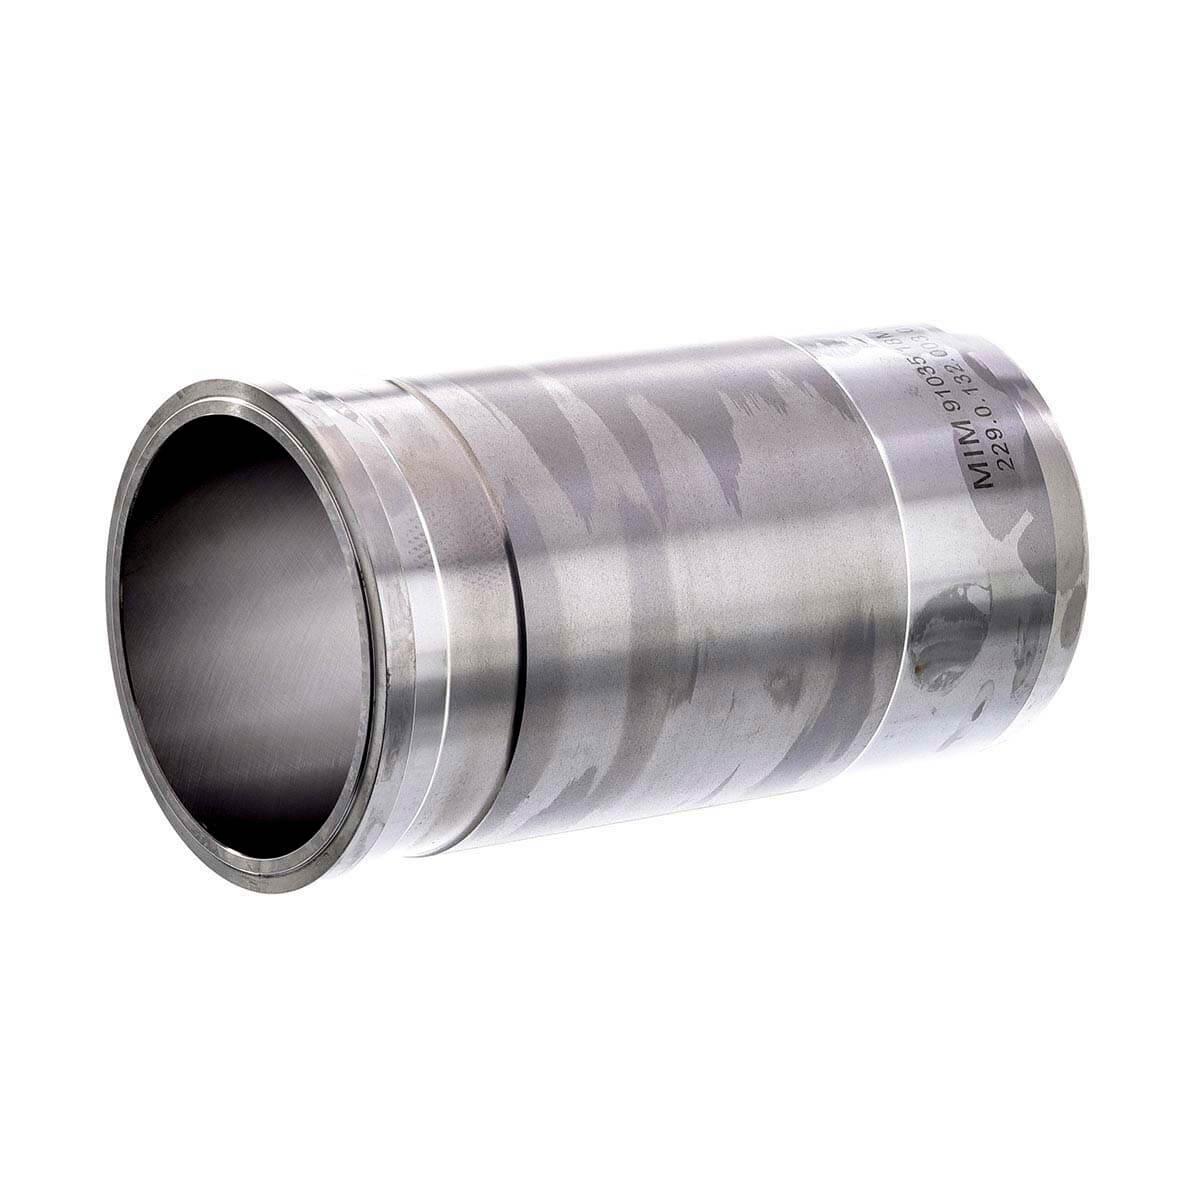 Camisa Cilindro MWM 229 Turbo F1000/F4000/F12000 STD